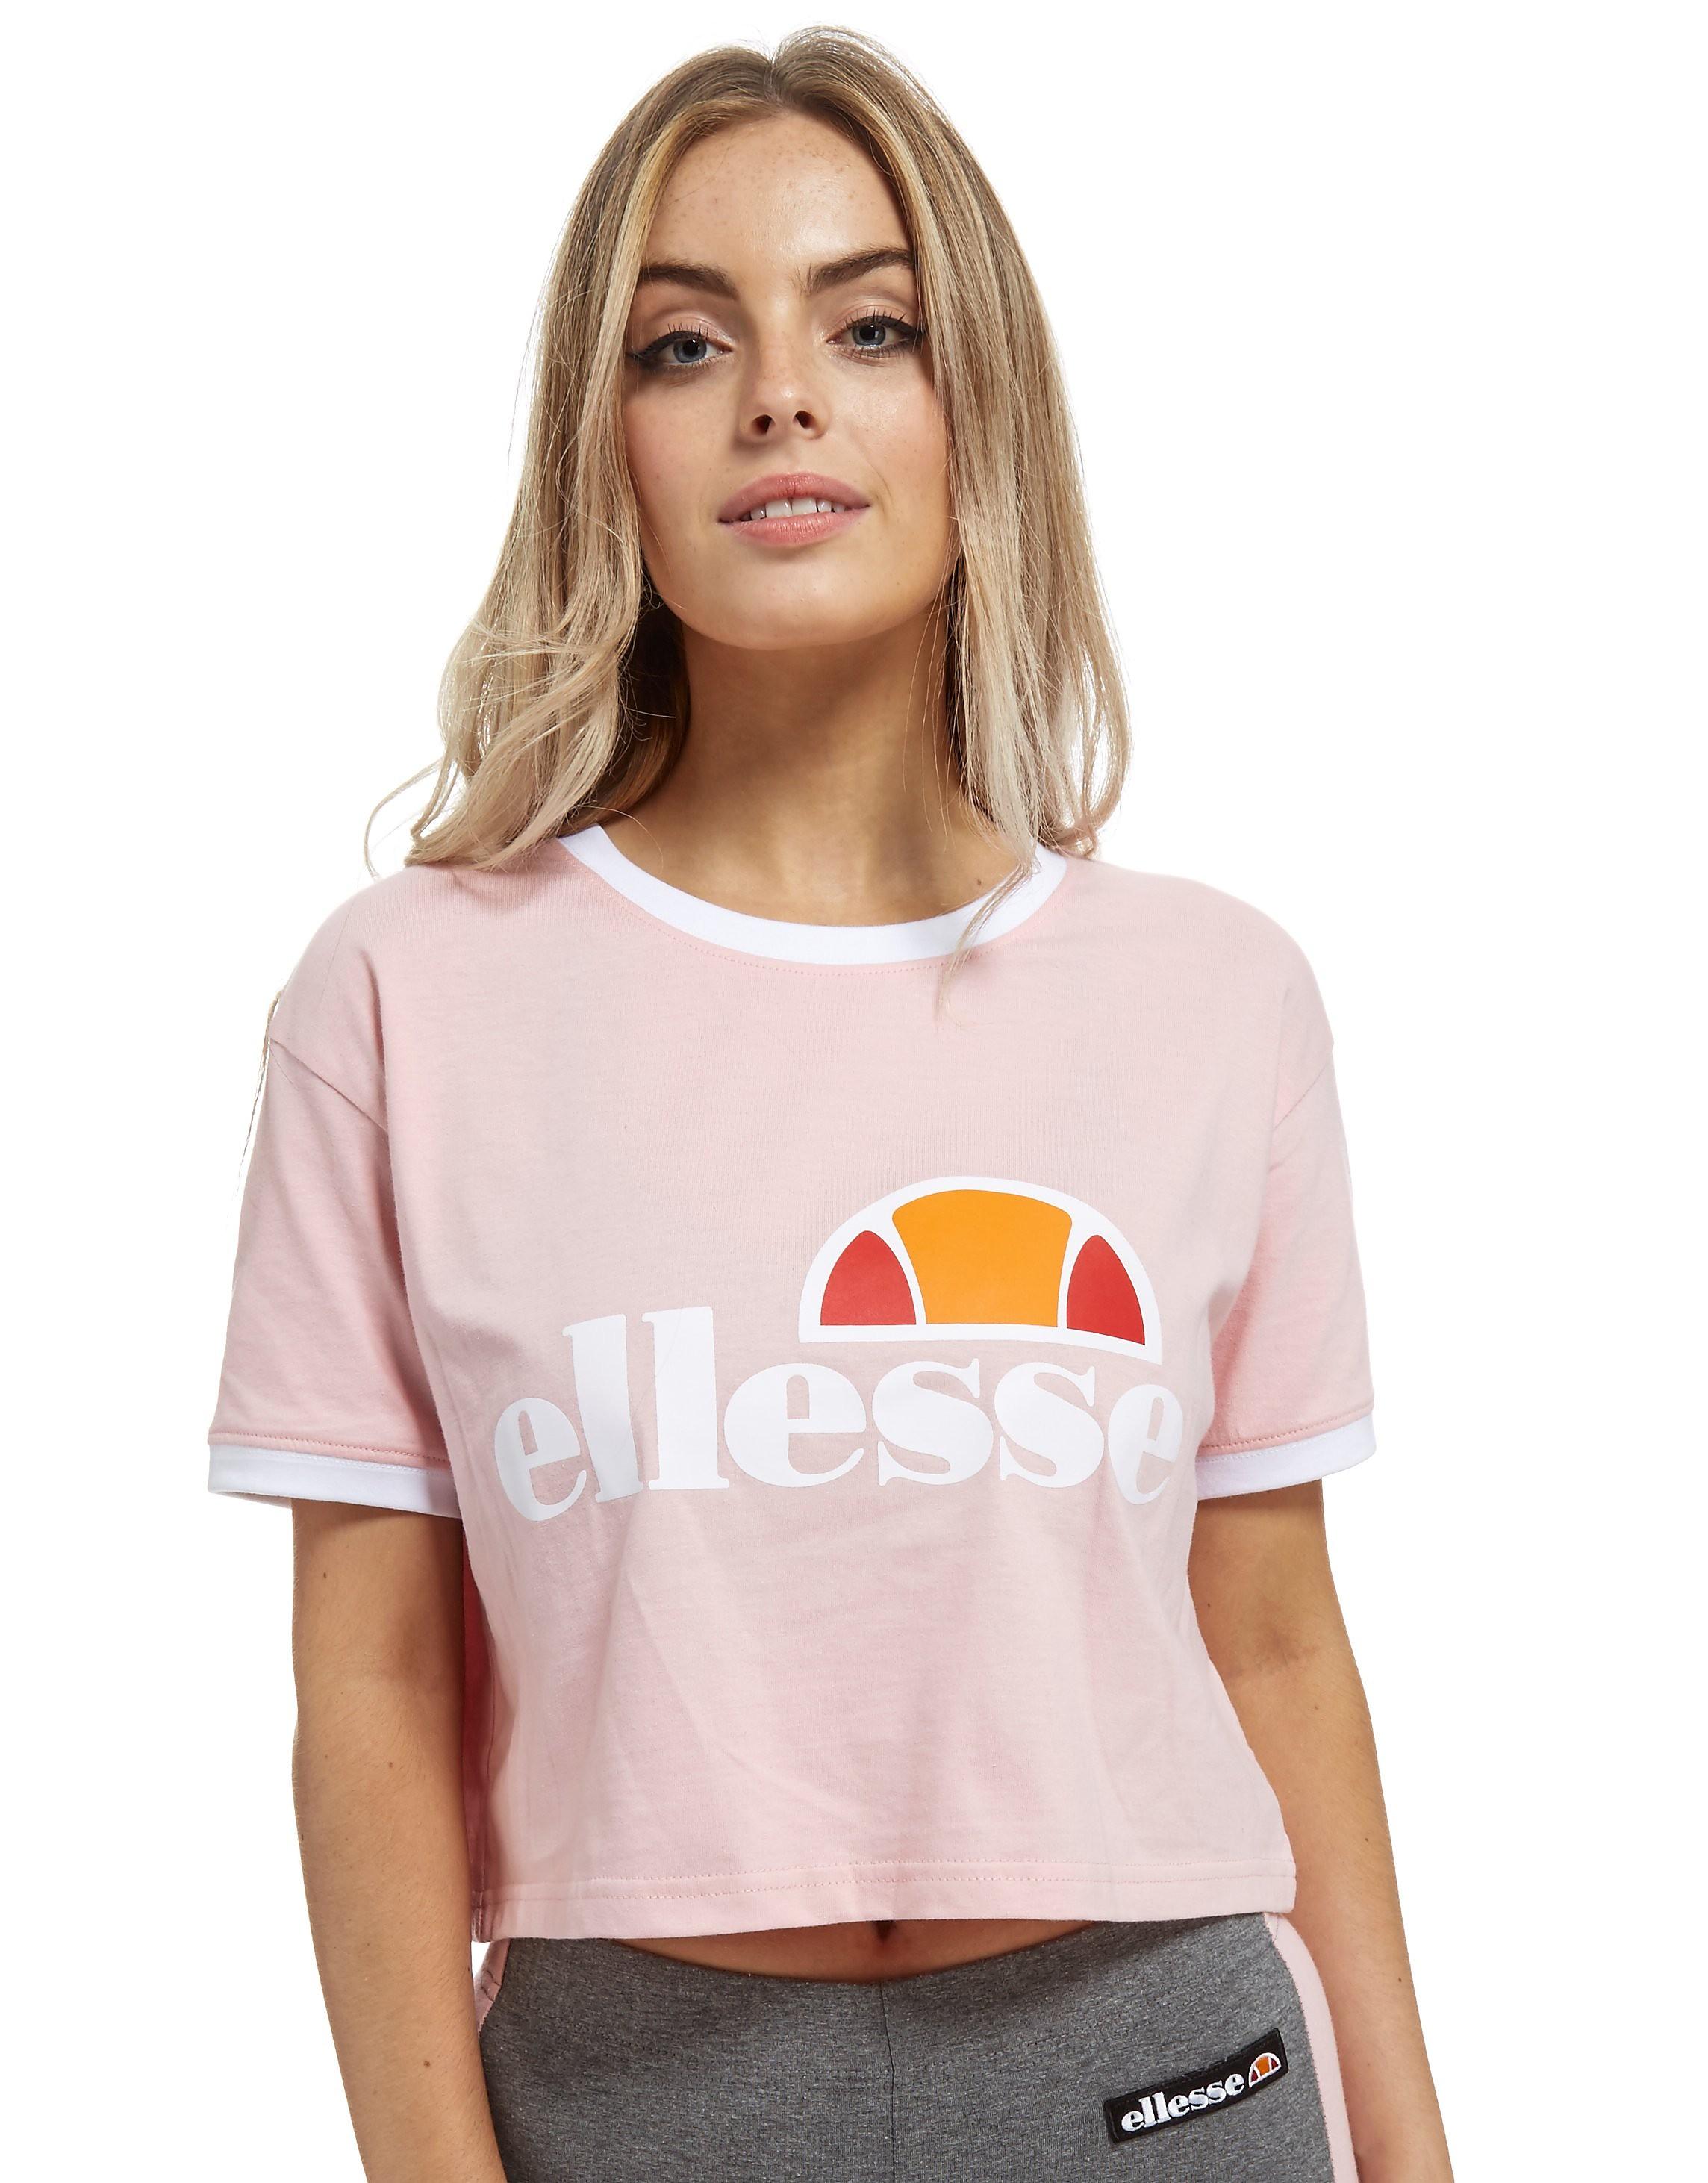 Ellesse Crop Top Ring T-Shirt